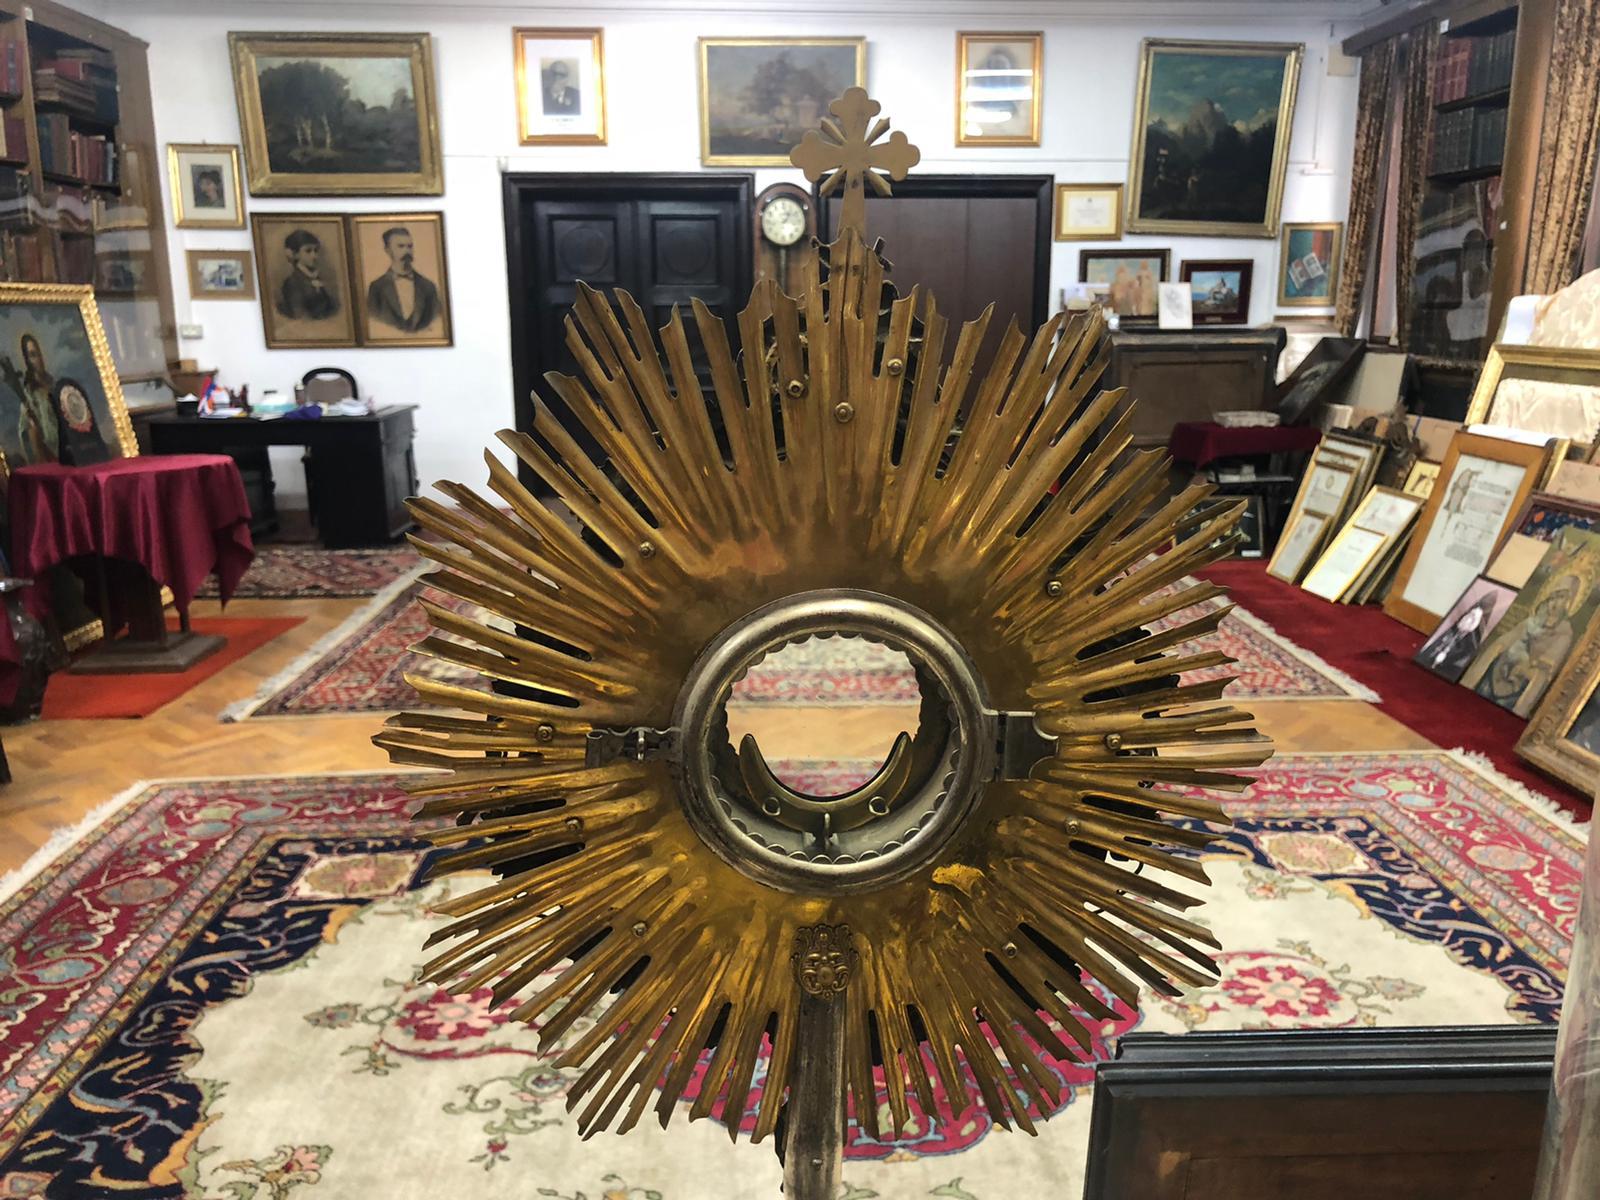 muzeul, bisericii, armenesti, interior, obiecte de cult